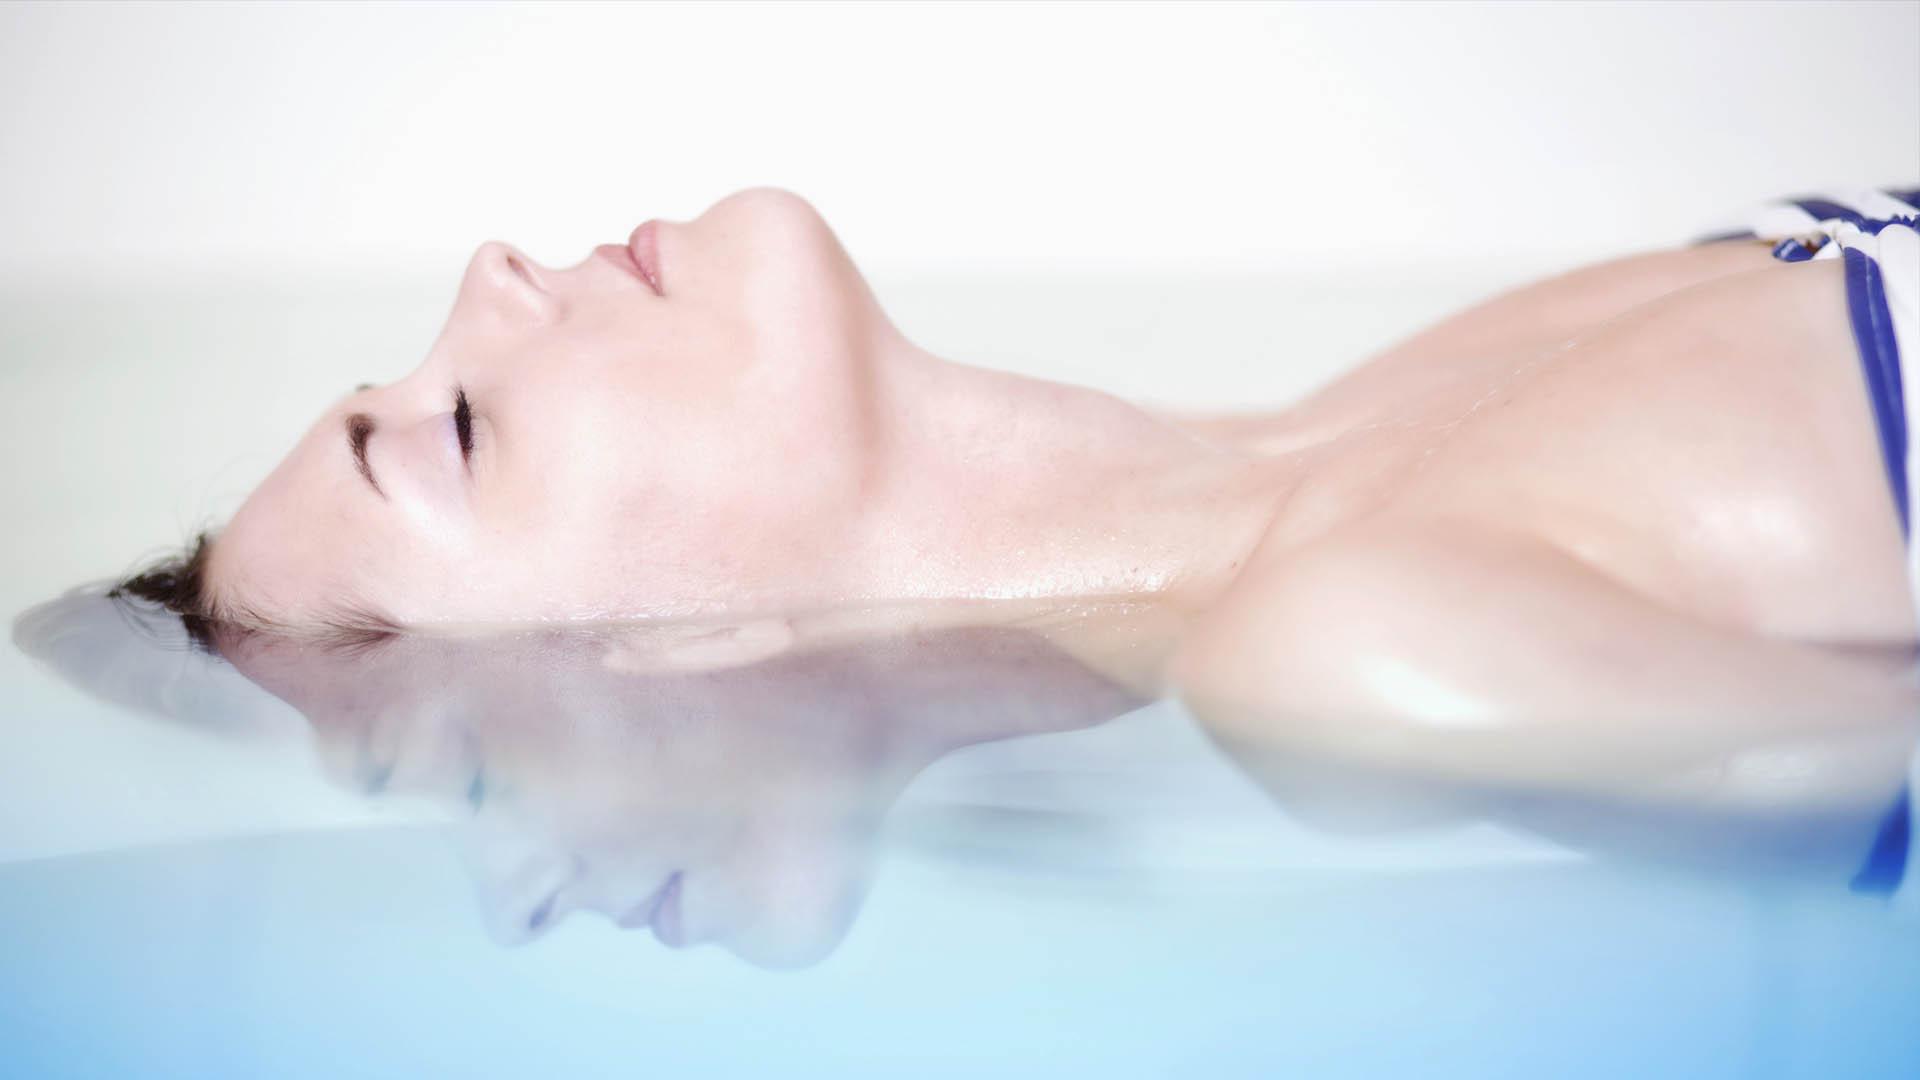 Откуда происходит выброс жидкости при женской эякуляций при оргазме